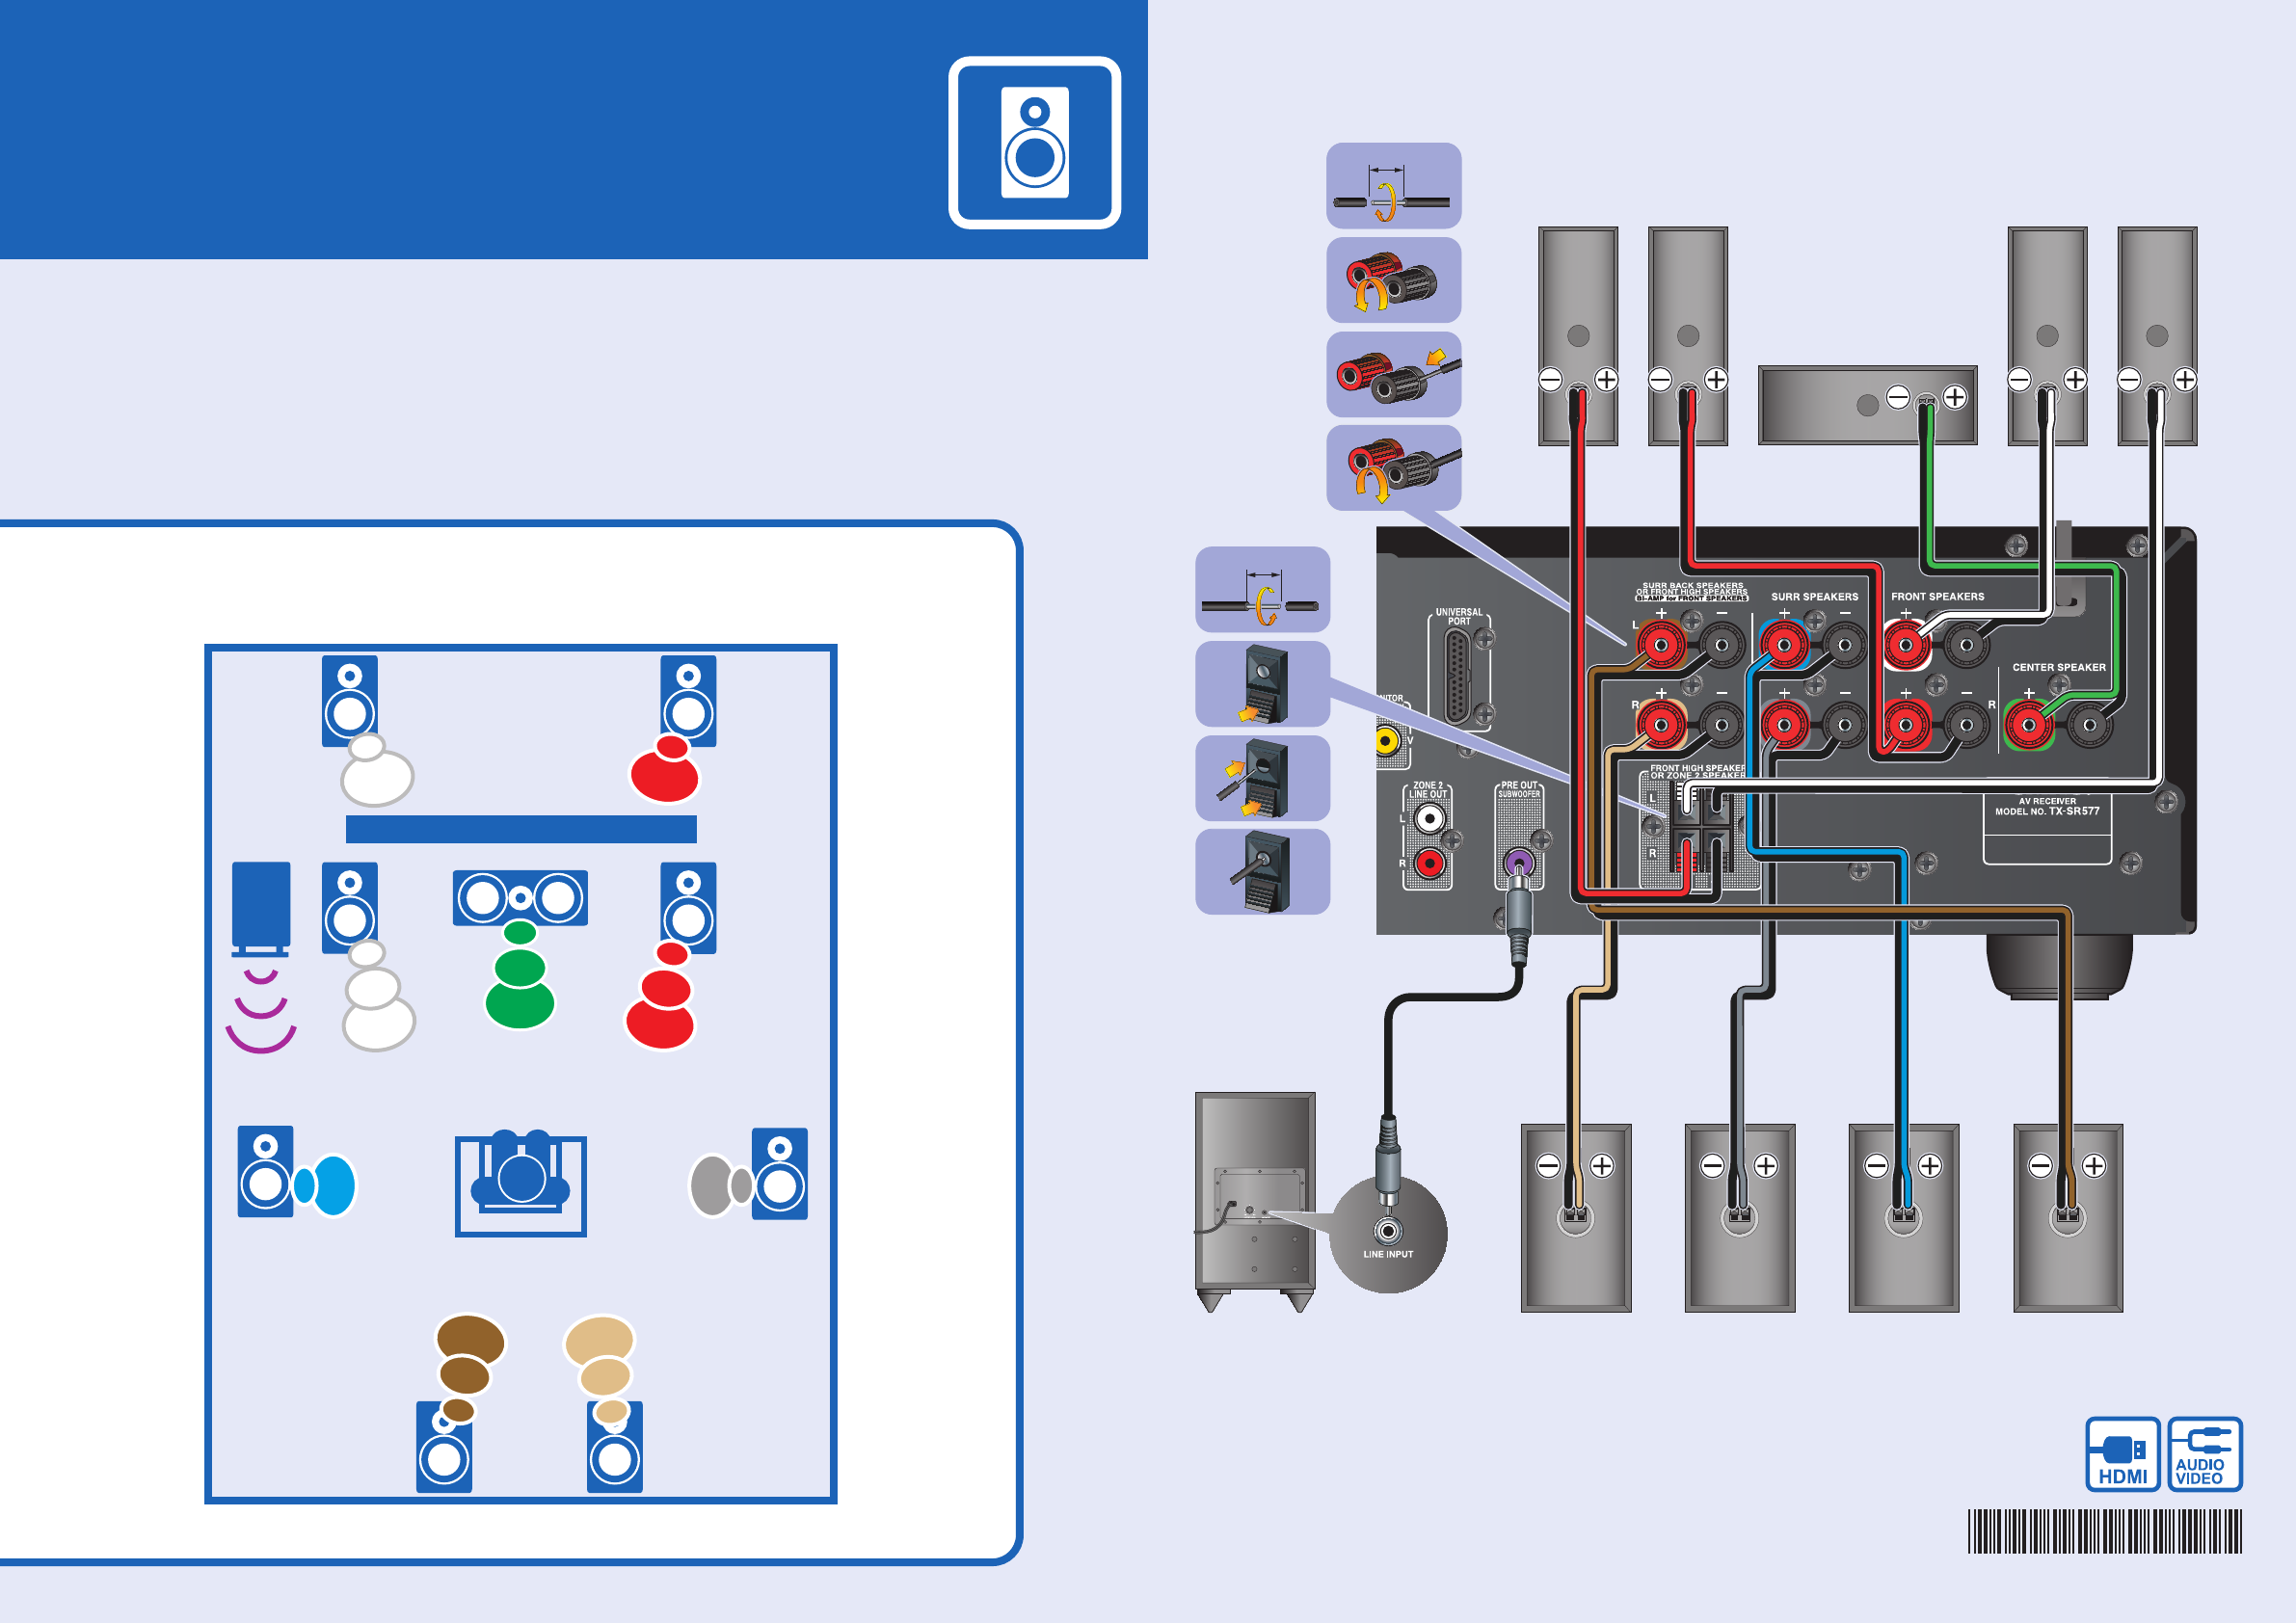 Wunderbar Surround Sound Setup Diagramm Ideen - Schaltplan Serie ...